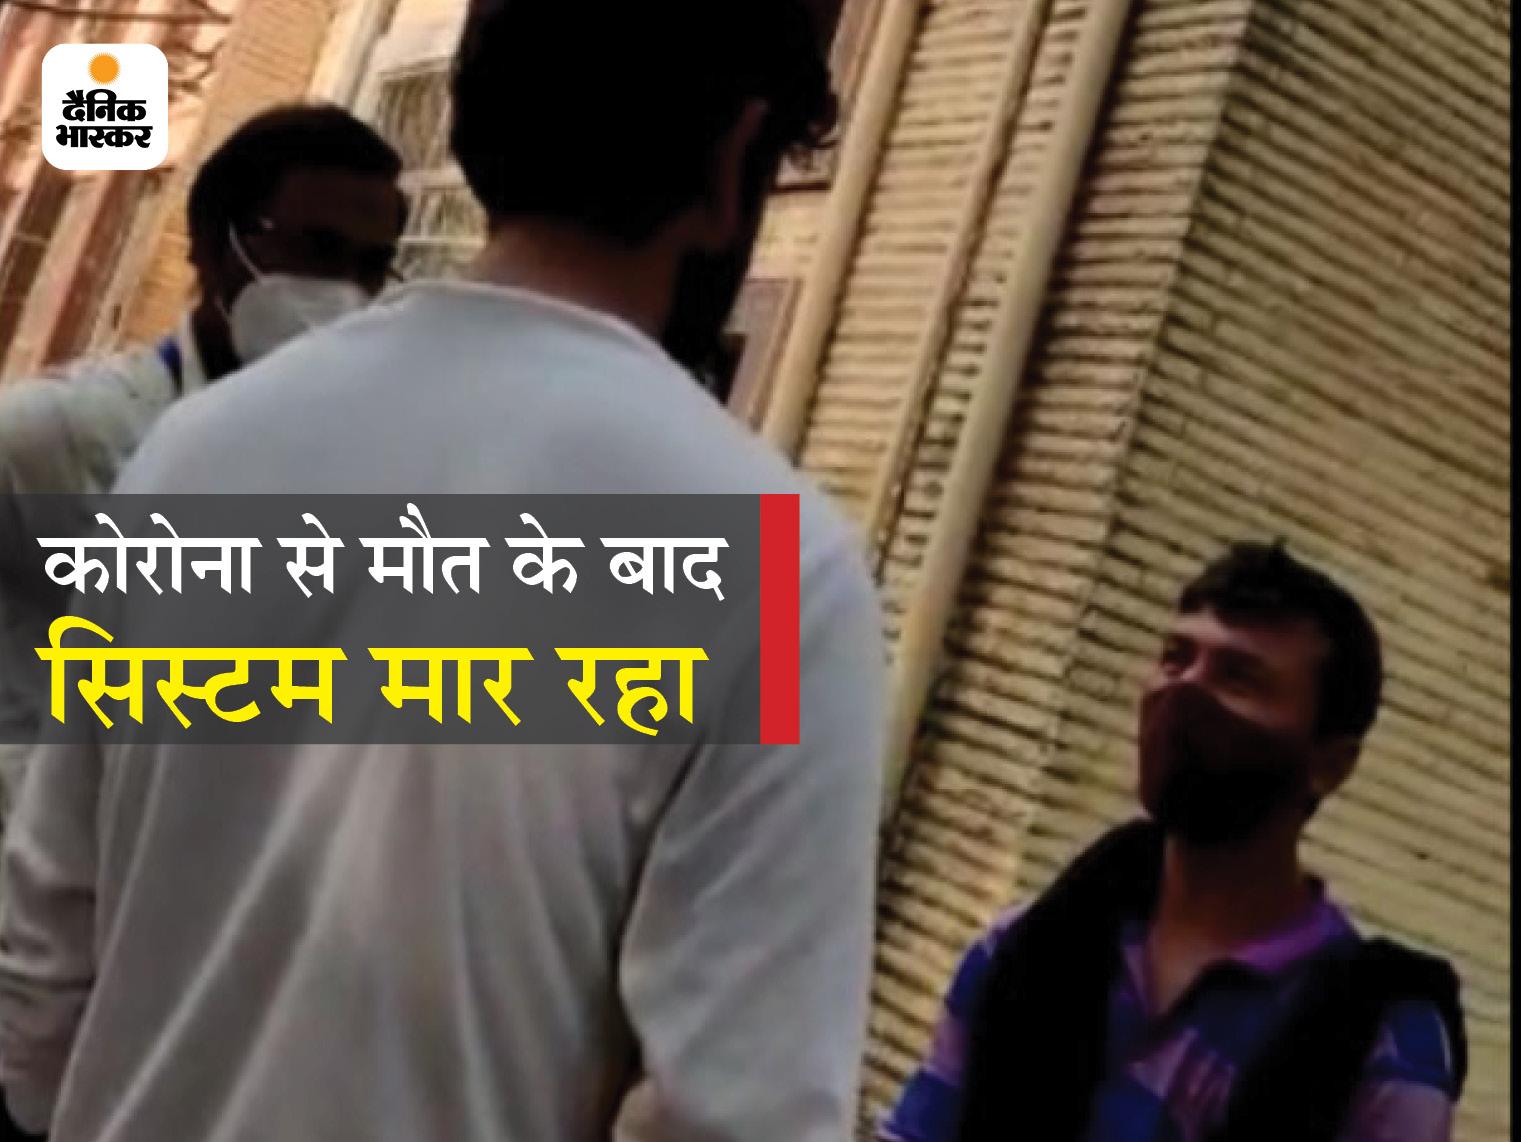 PMCH में कोरोना से मरने वालों के शव का चेहरा दिखाने का चार्ज 1000 रुपए, घर ले जाने का 10 हजार रुपए मांग रहे दलाल|पटना,Patna - Dainik Bhaskar